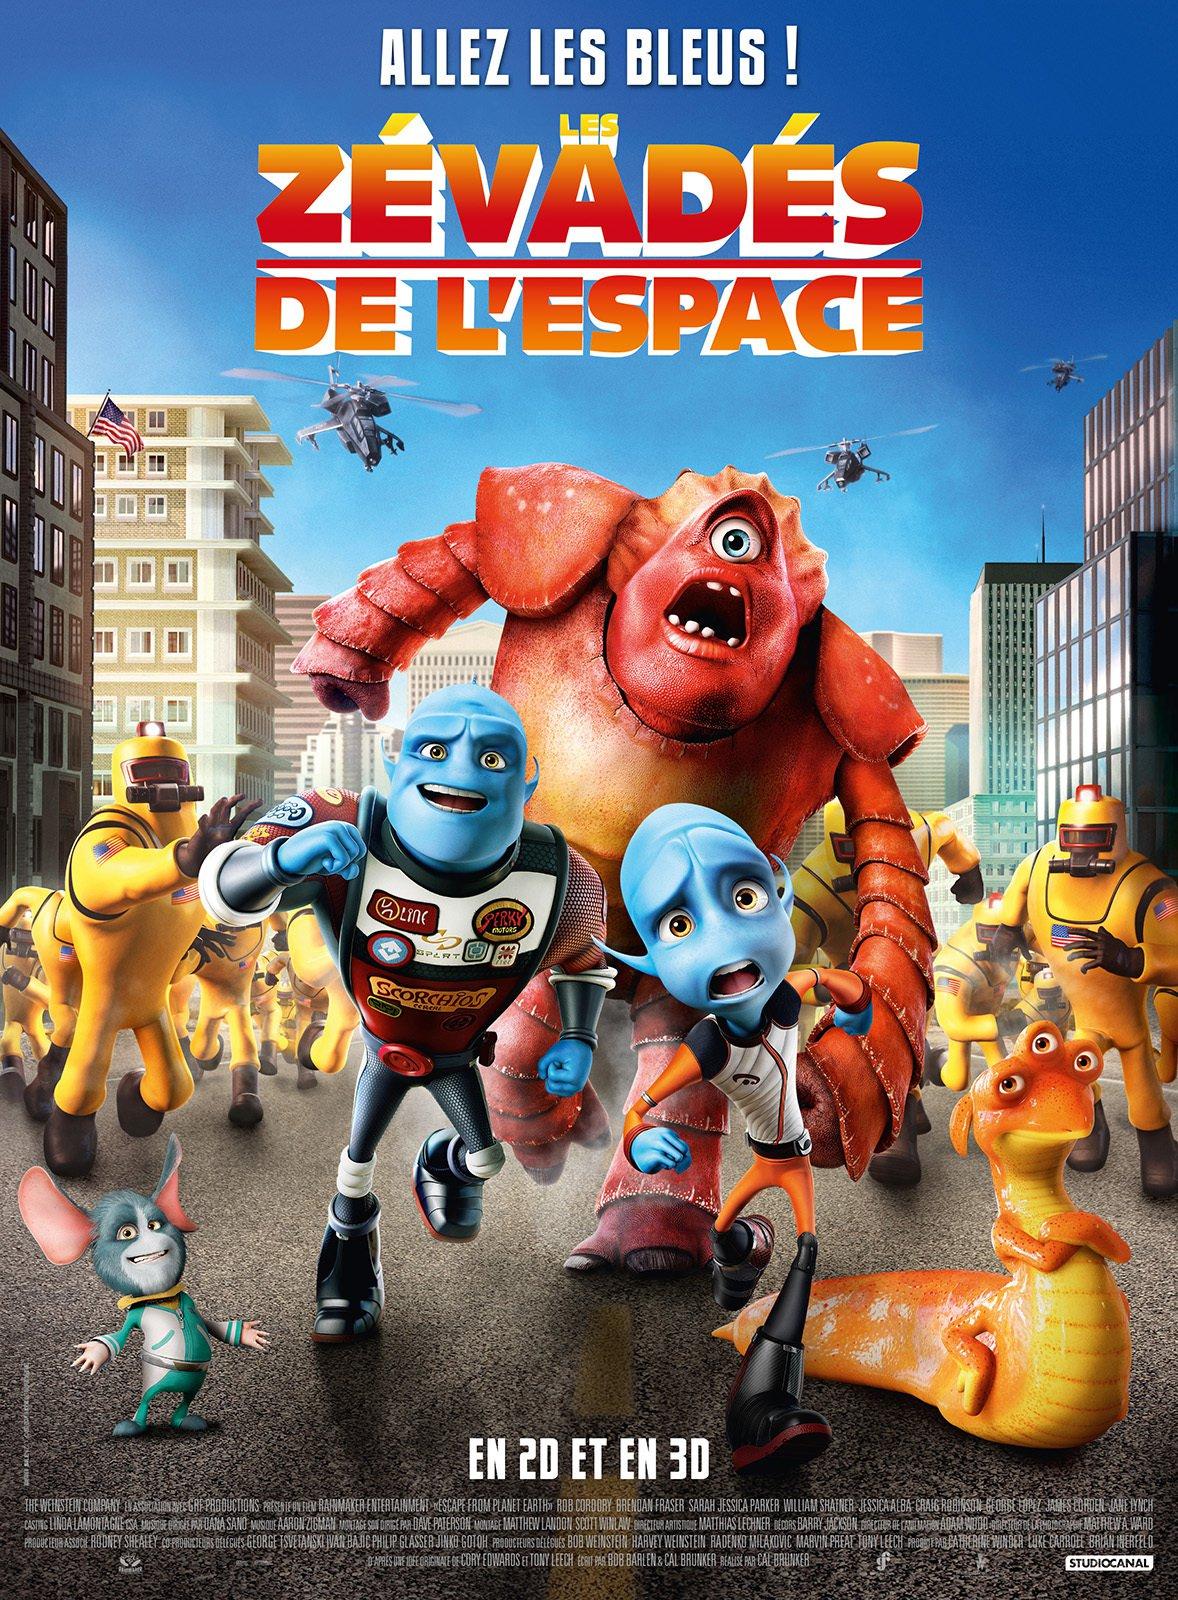 affiche du film Les zévadés de l'espace